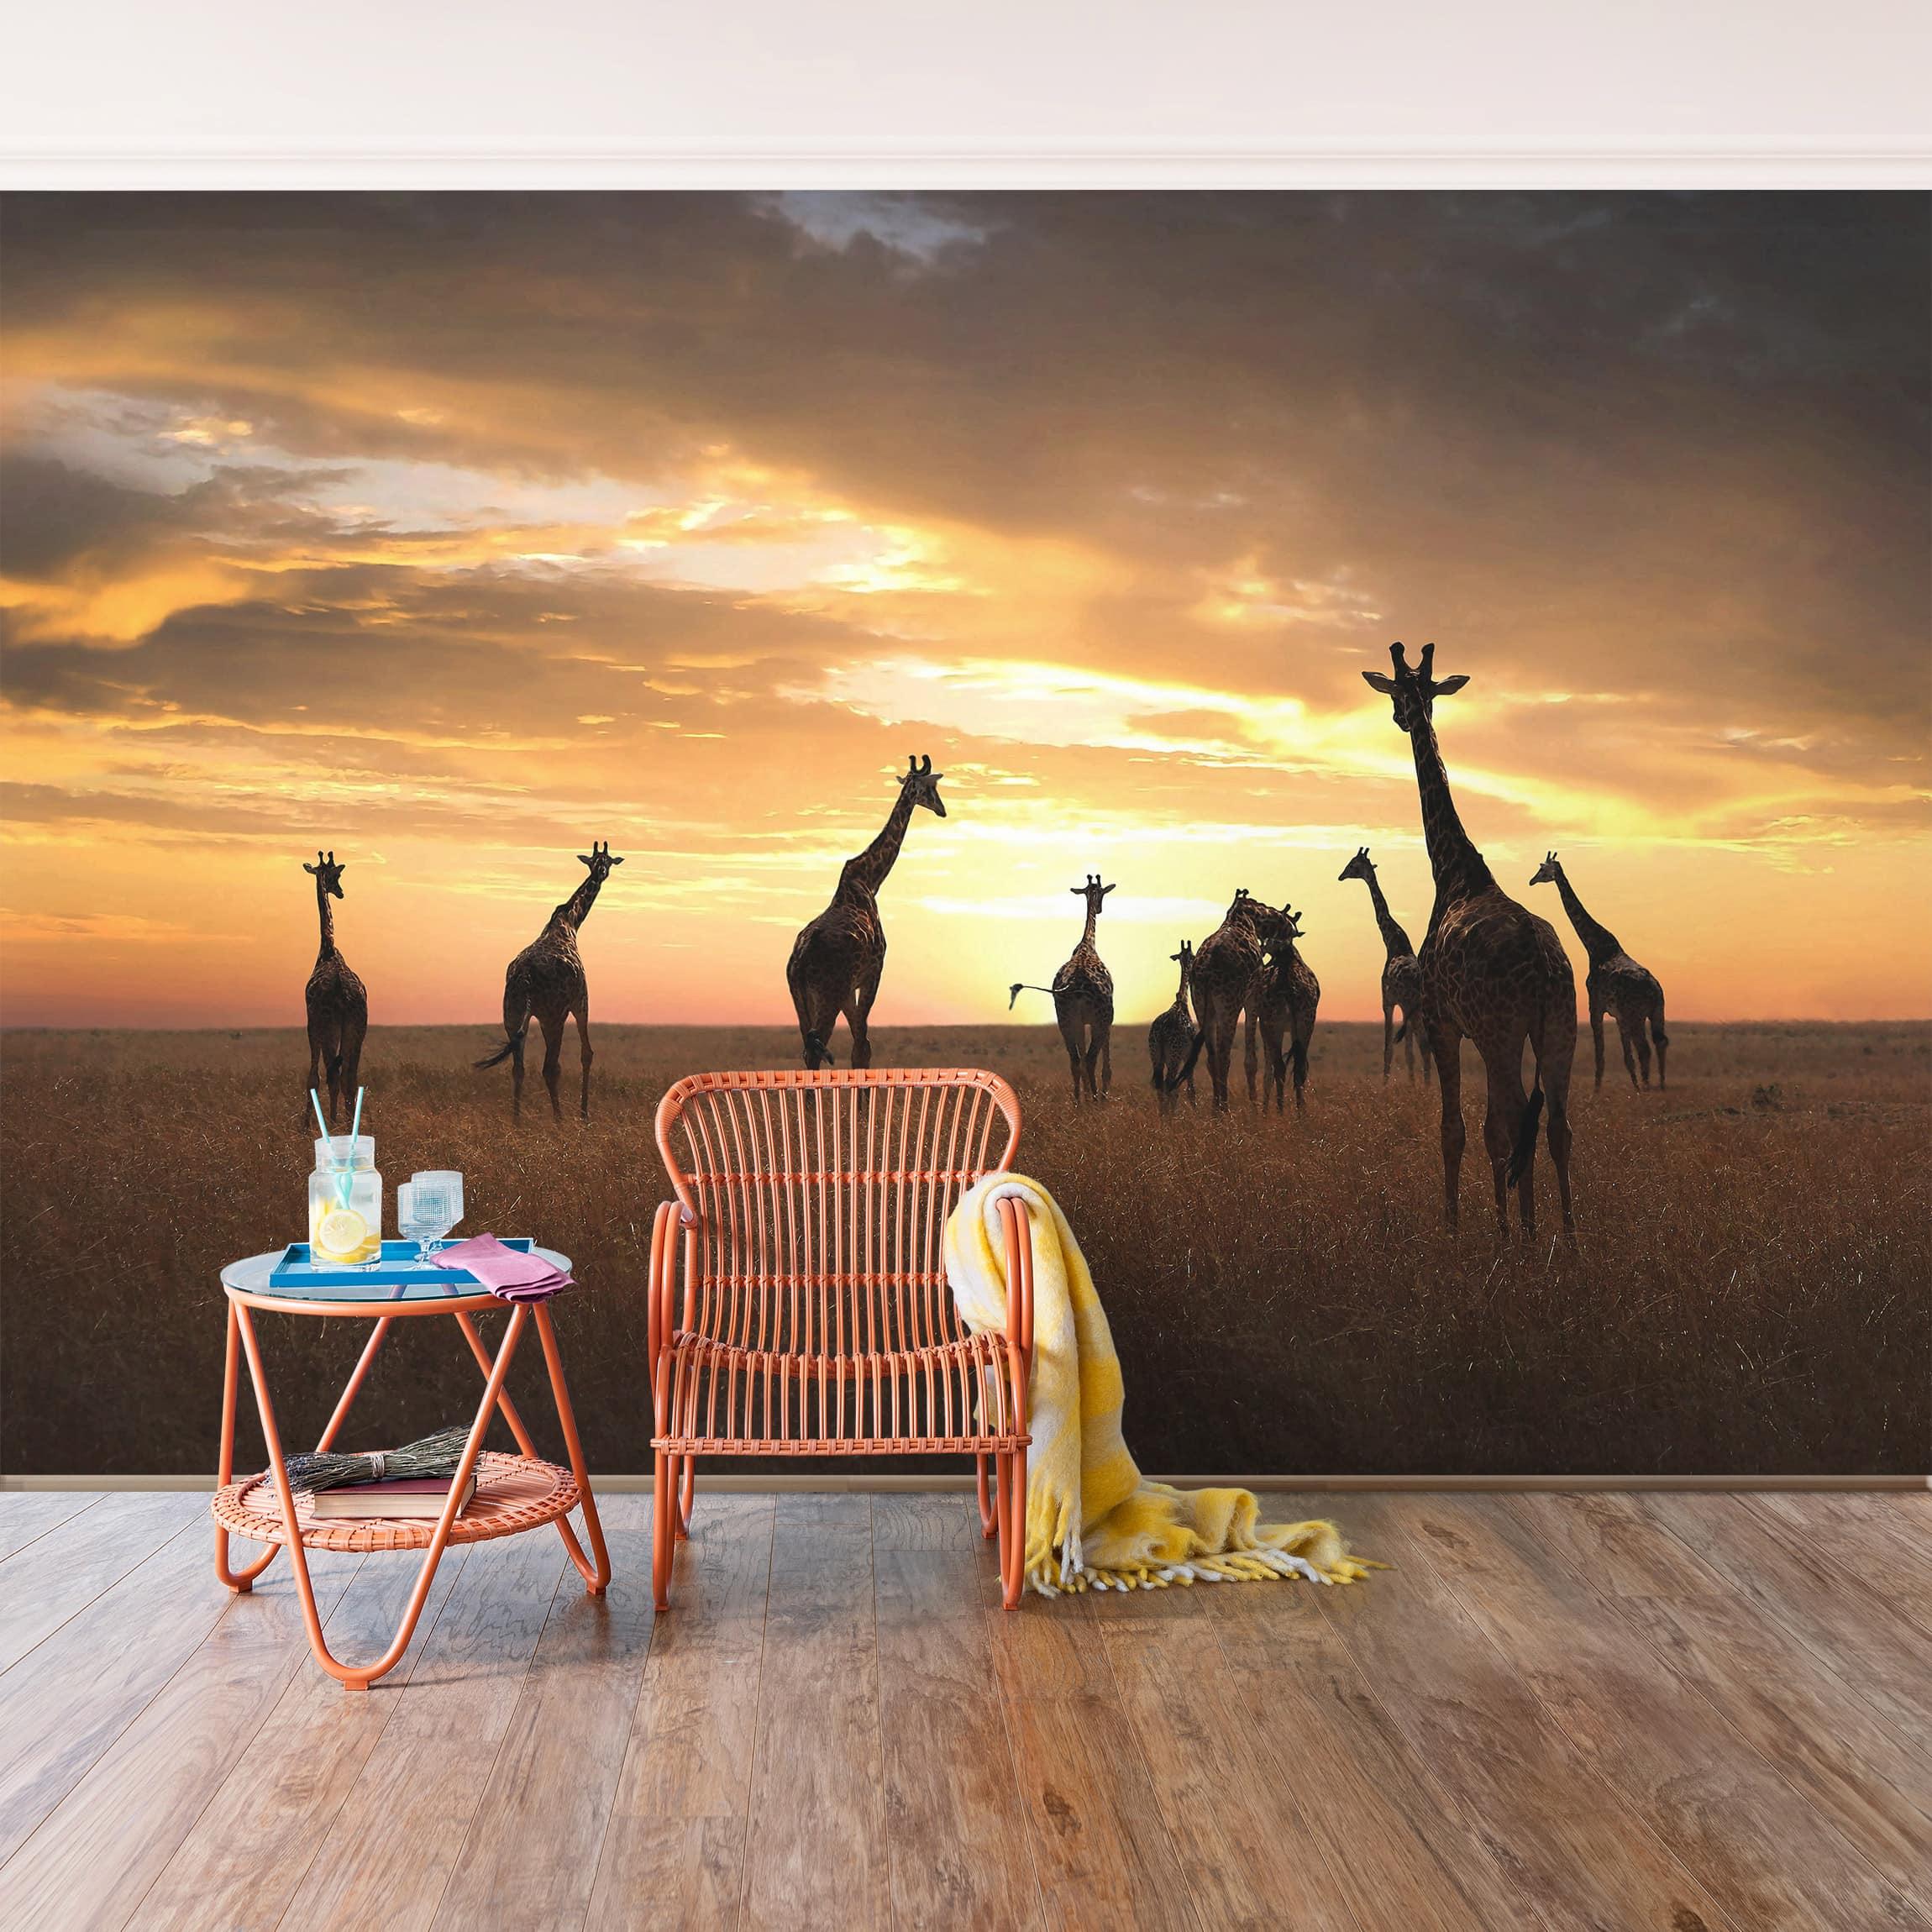 Tapete selbstklebend giraffen familie wandbild querformat - Wandbild familie ...